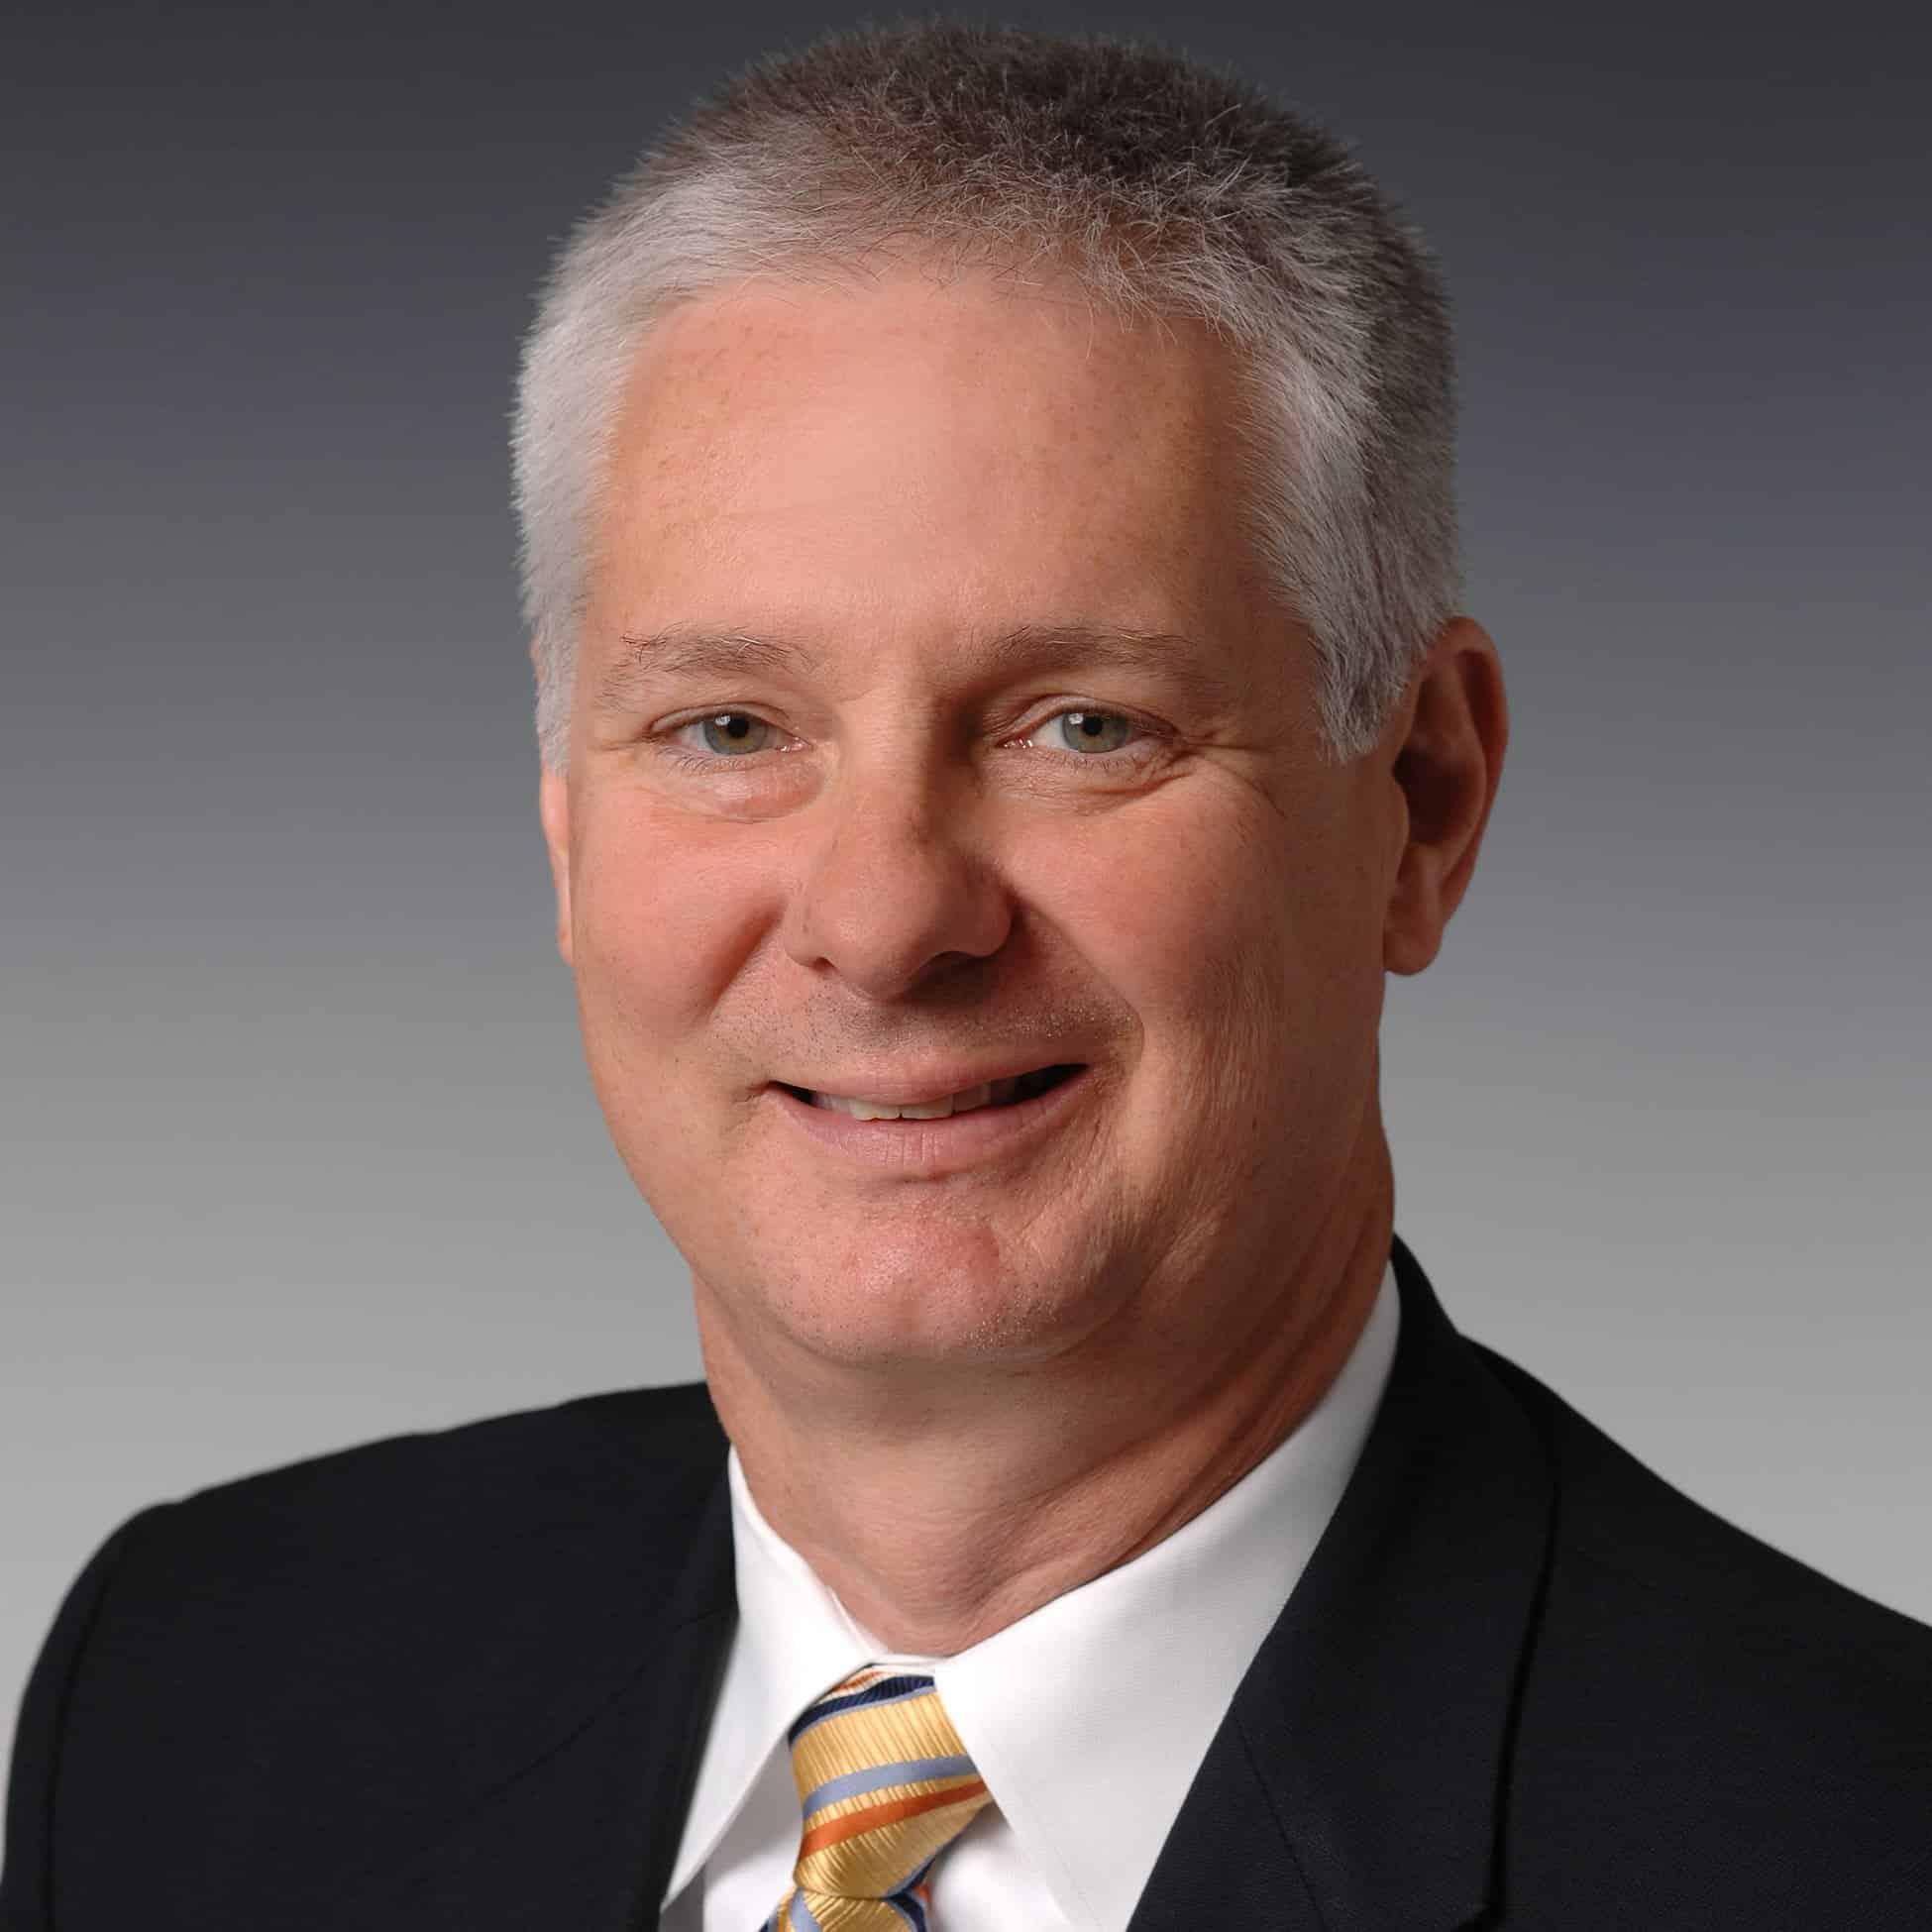 Joe Urquhart, CPCU, CRIS